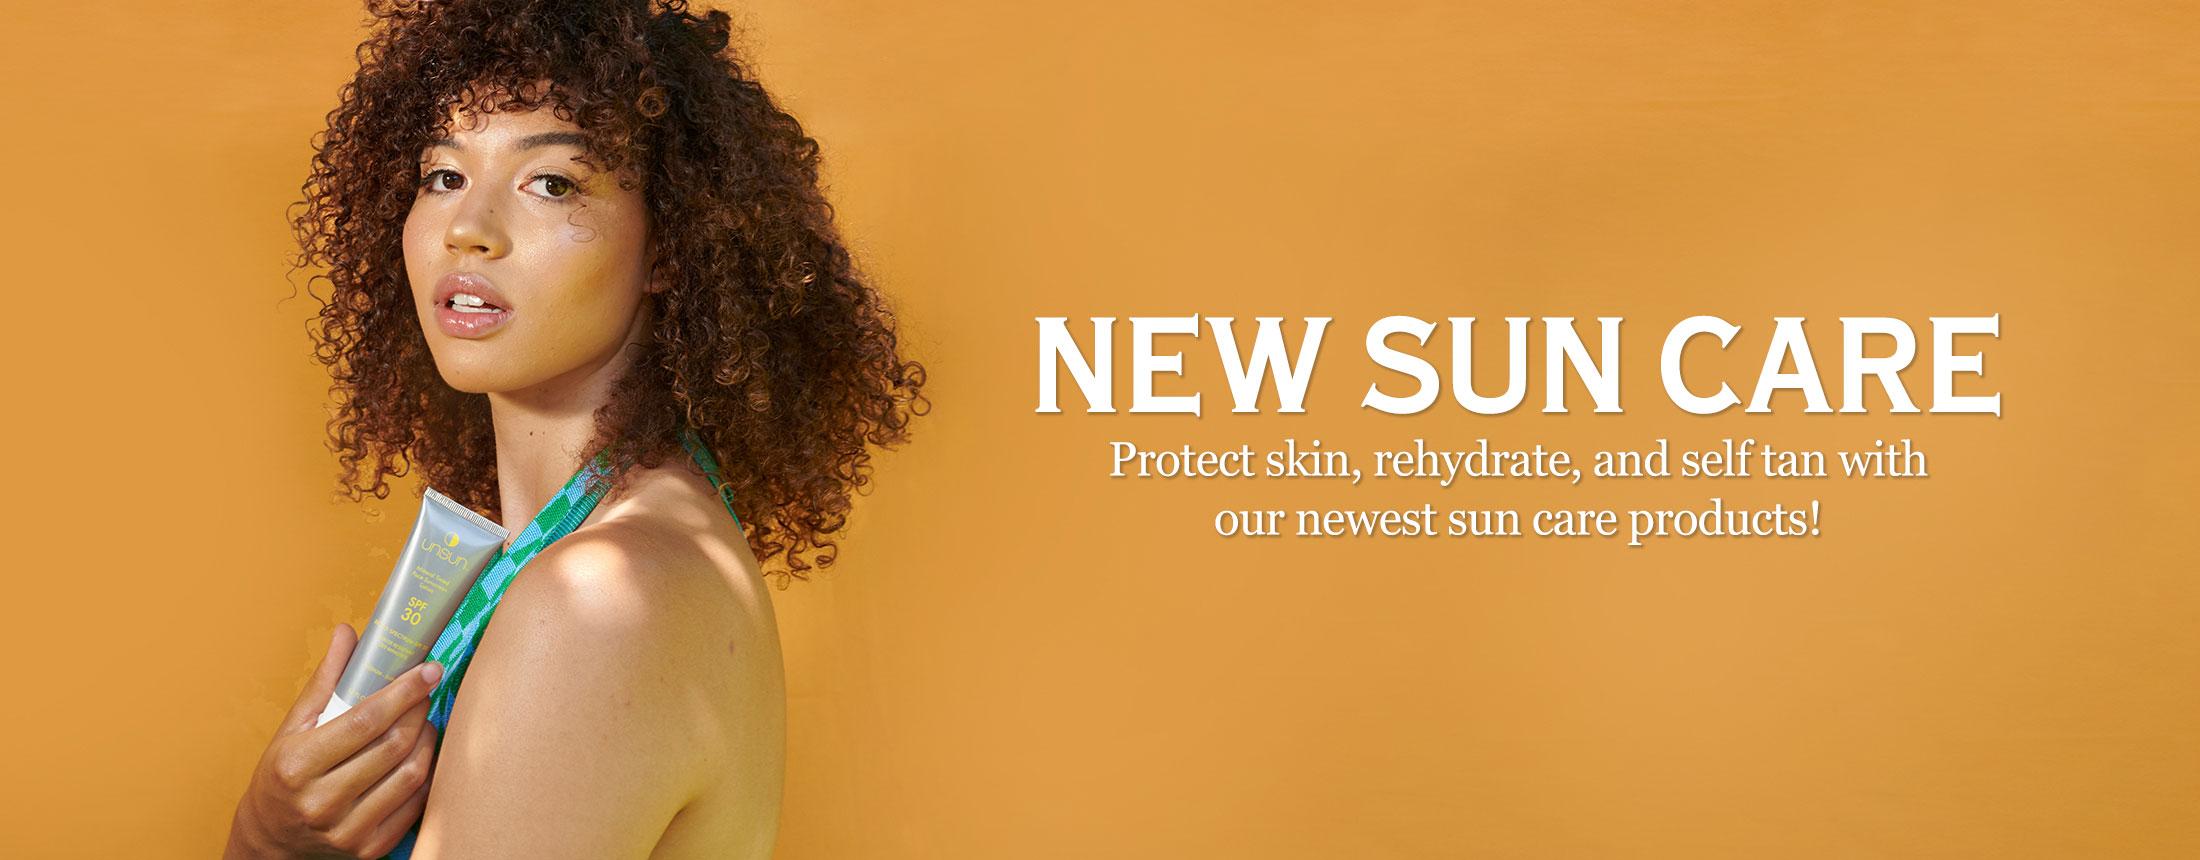 New Sun Care